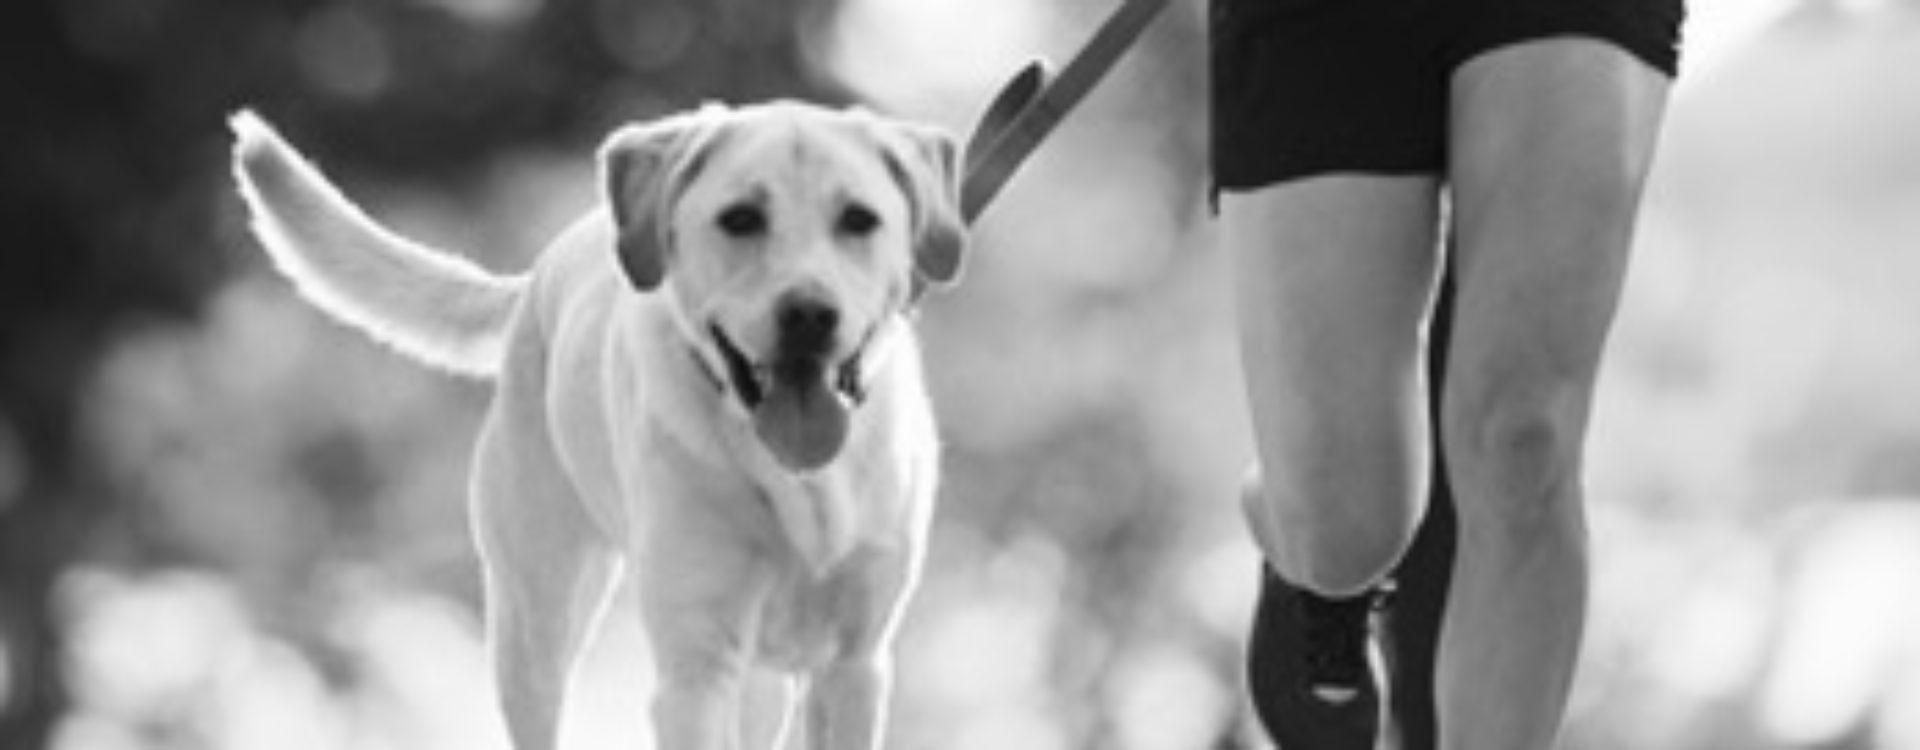 The Joyful Dog